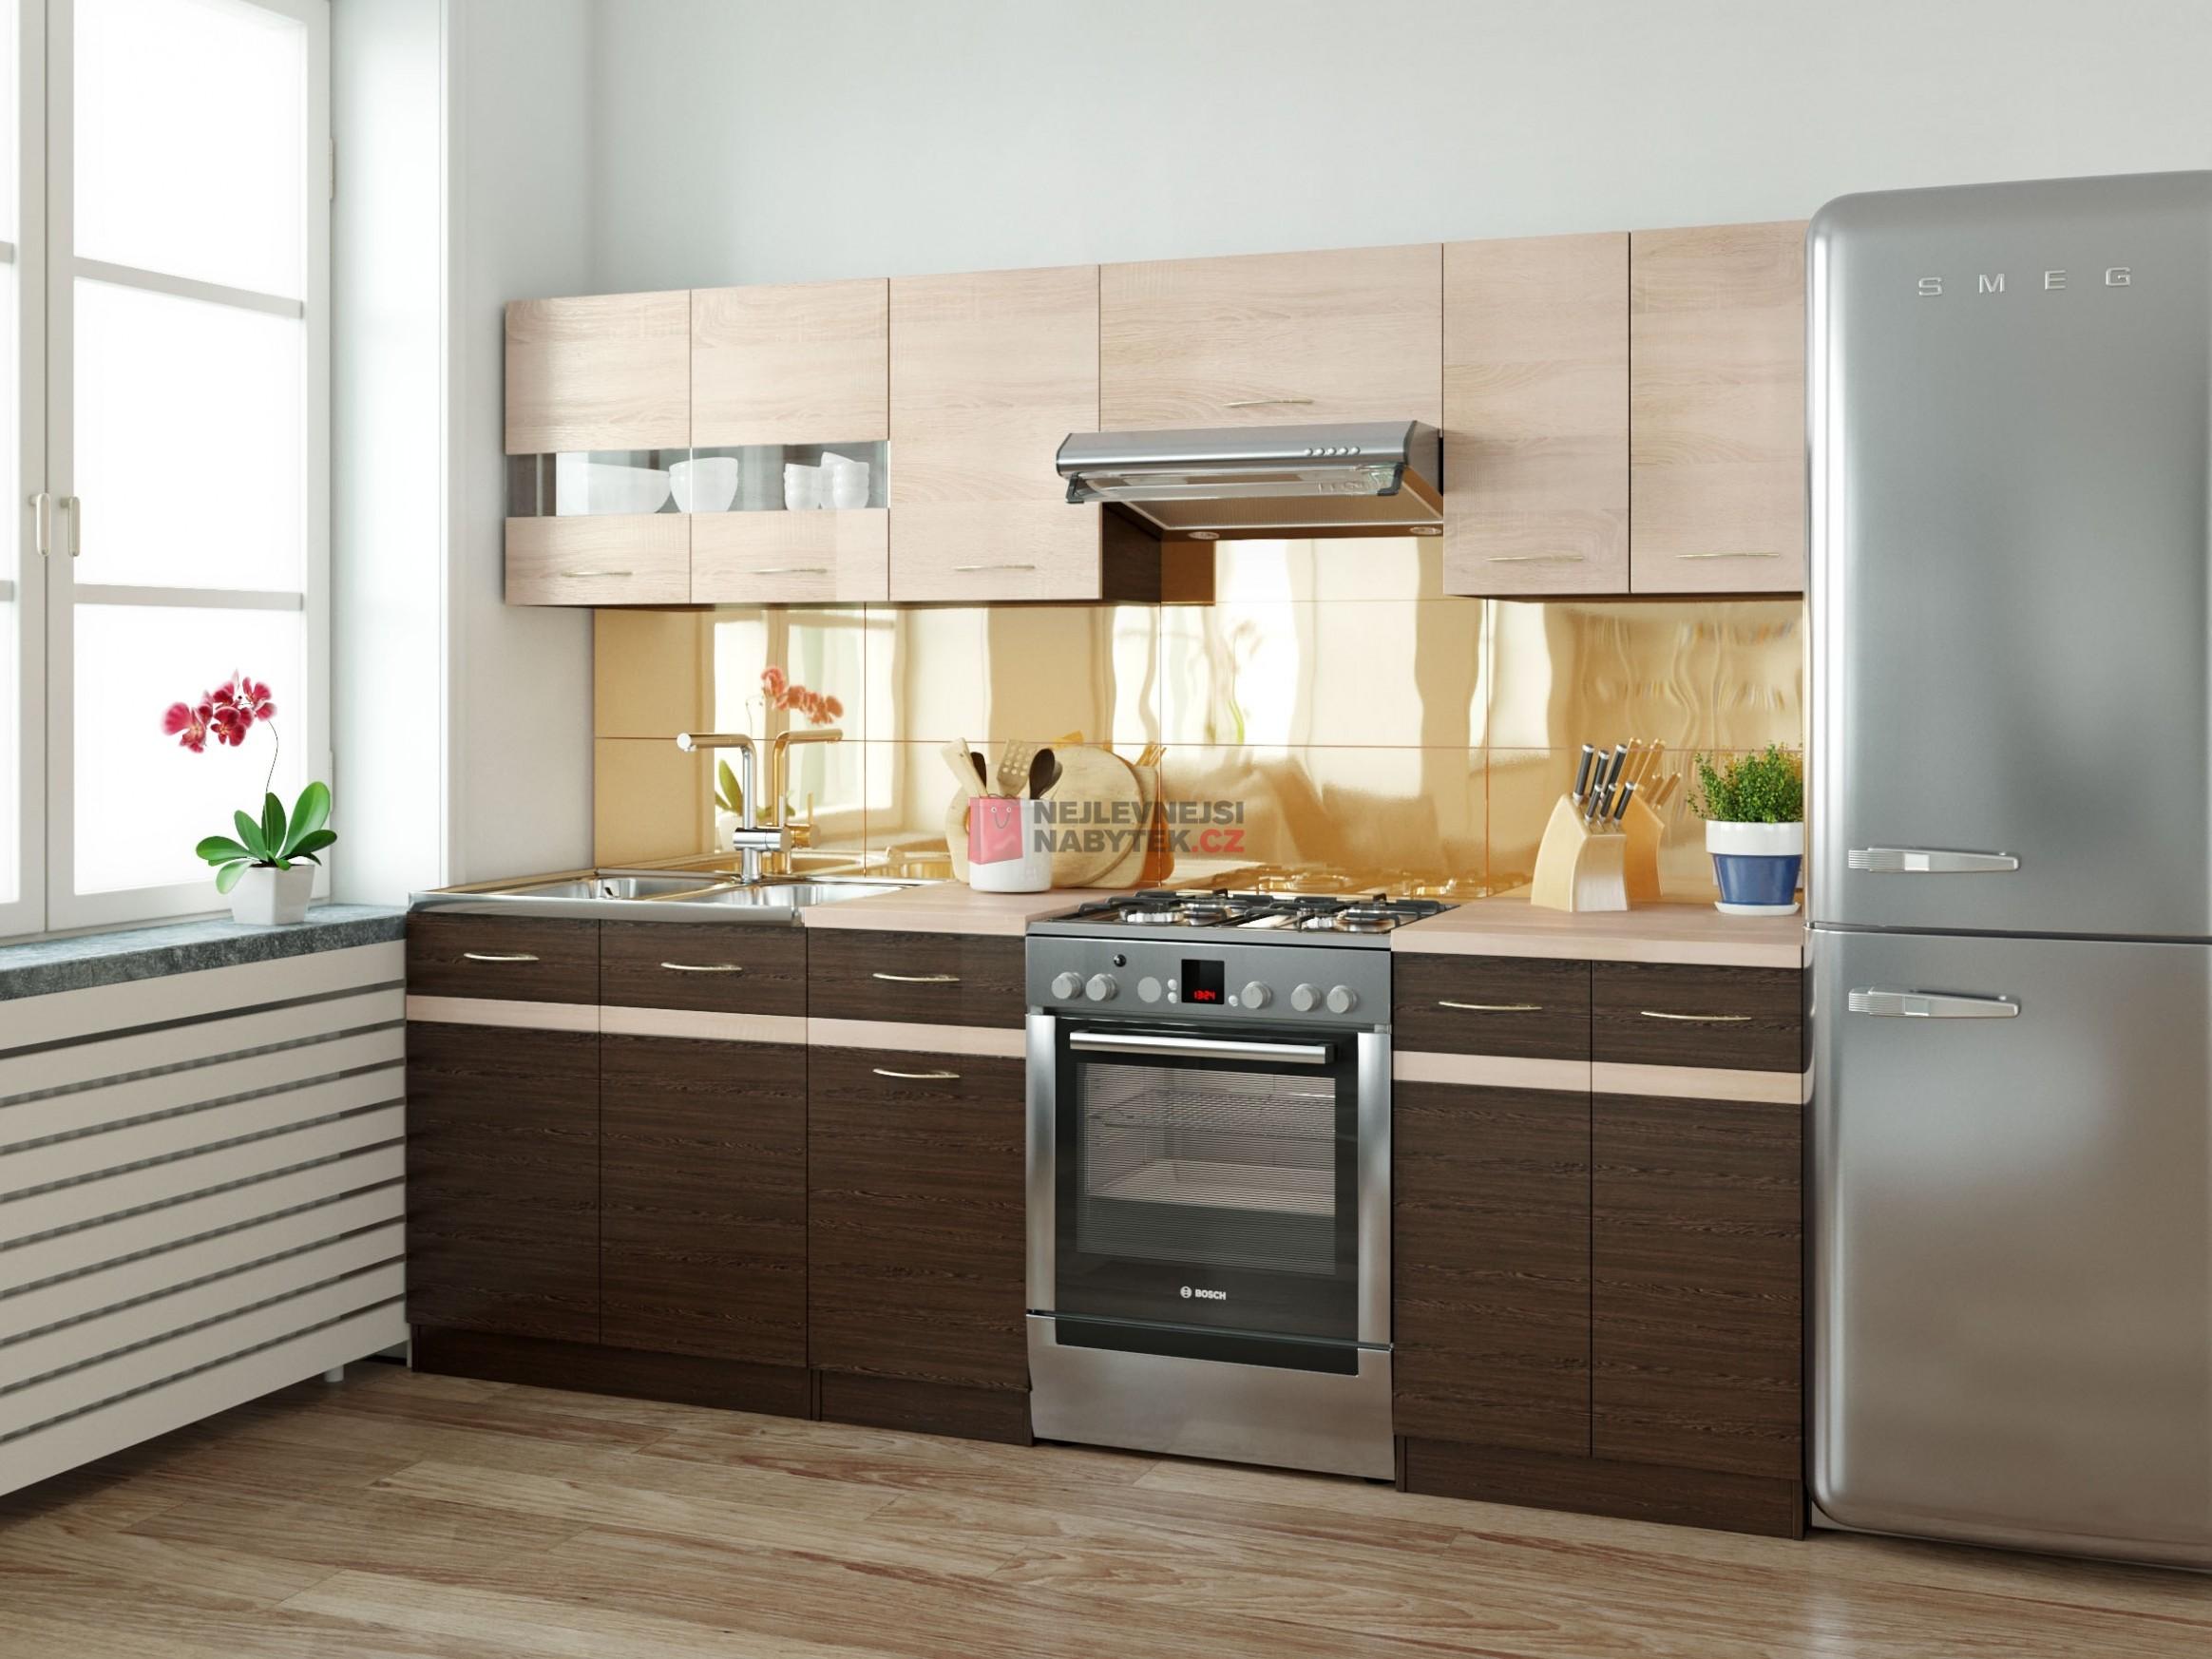 Kuchyně 240 Cm